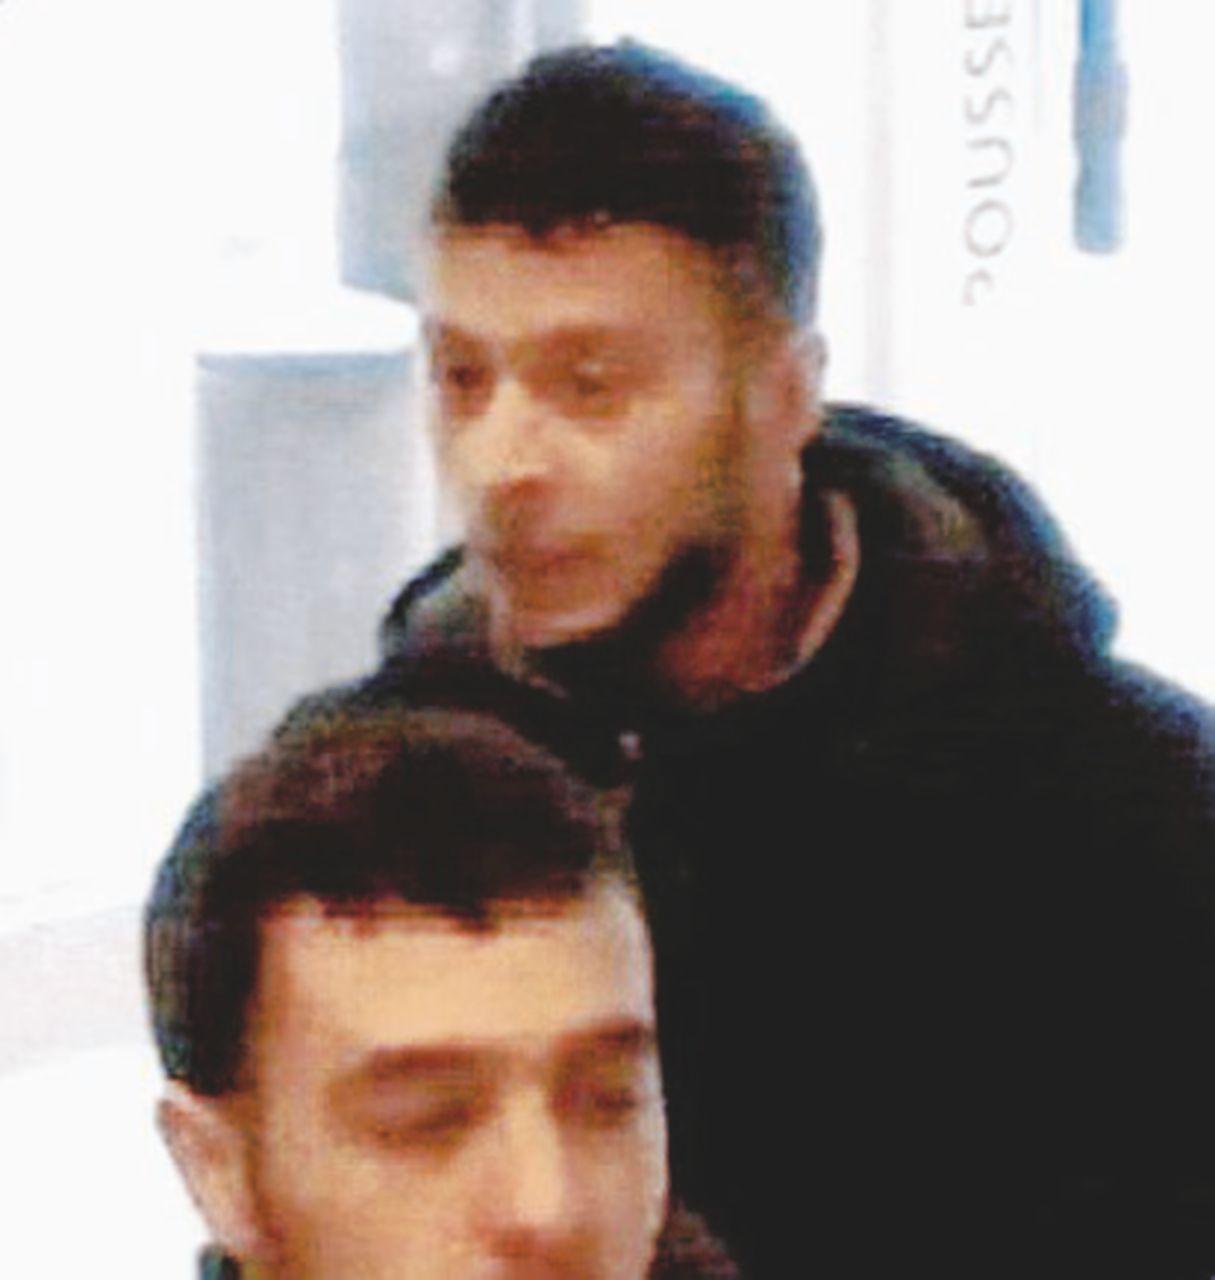 Gli stragisti del Bataclan, di Bruxelles e di Nizza: l'Italia tappa obbligata degli uomini del Califfato